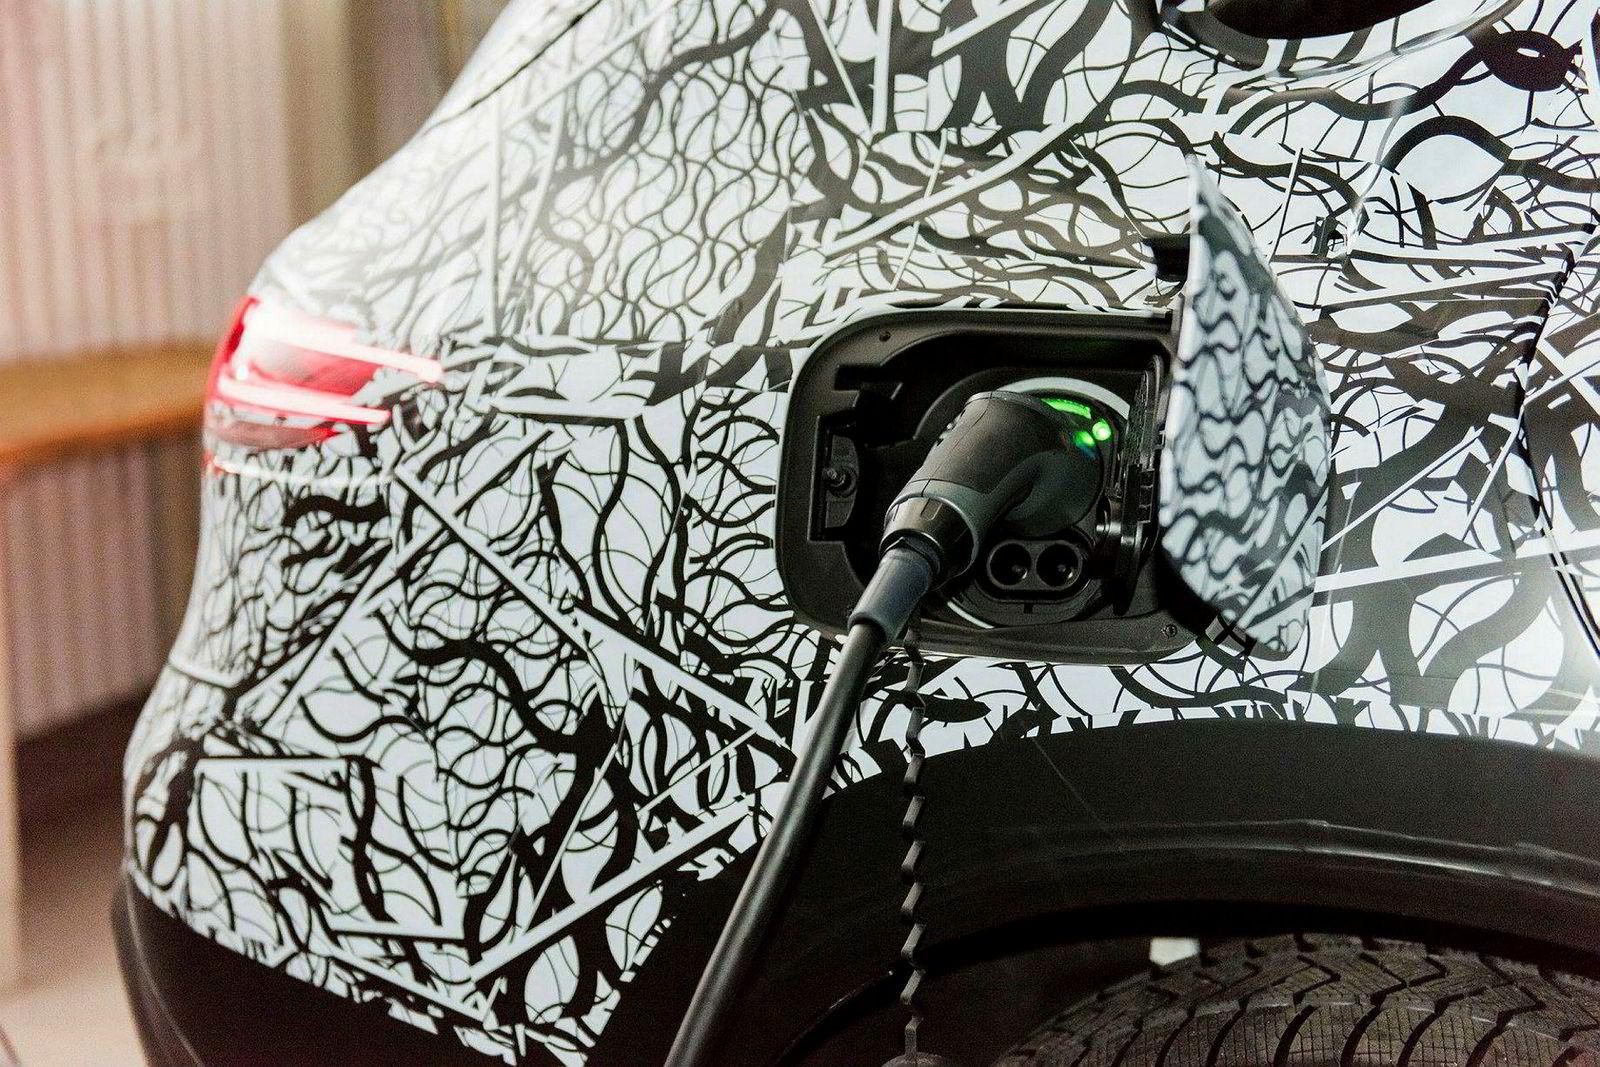 Ladehastighet er ennå ikke opplyst for Mercedes, men den bør få 150 kW for å henge med konkurrentene.